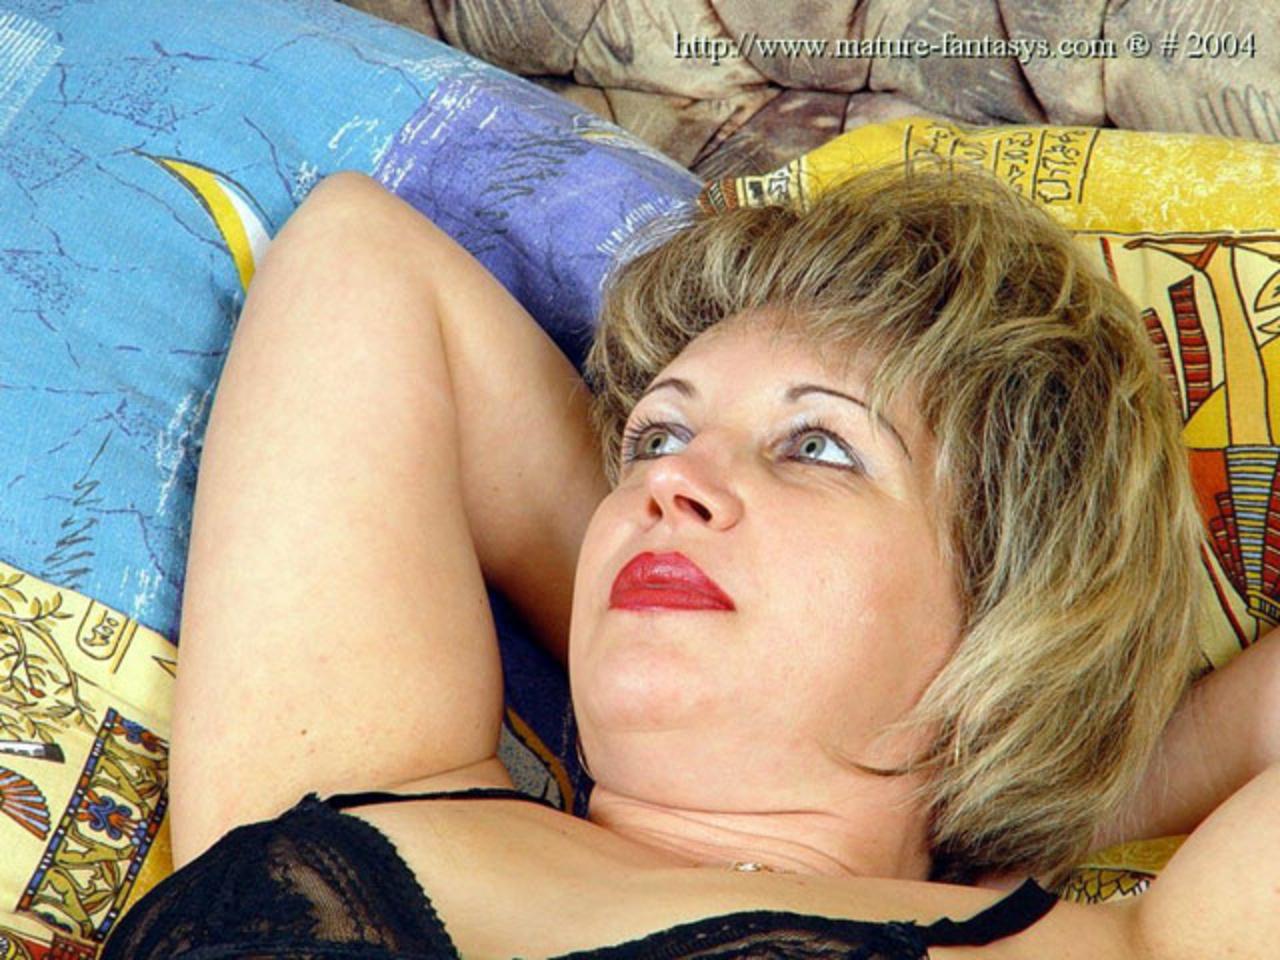 Мать трахается с сыном - Pornhub.com